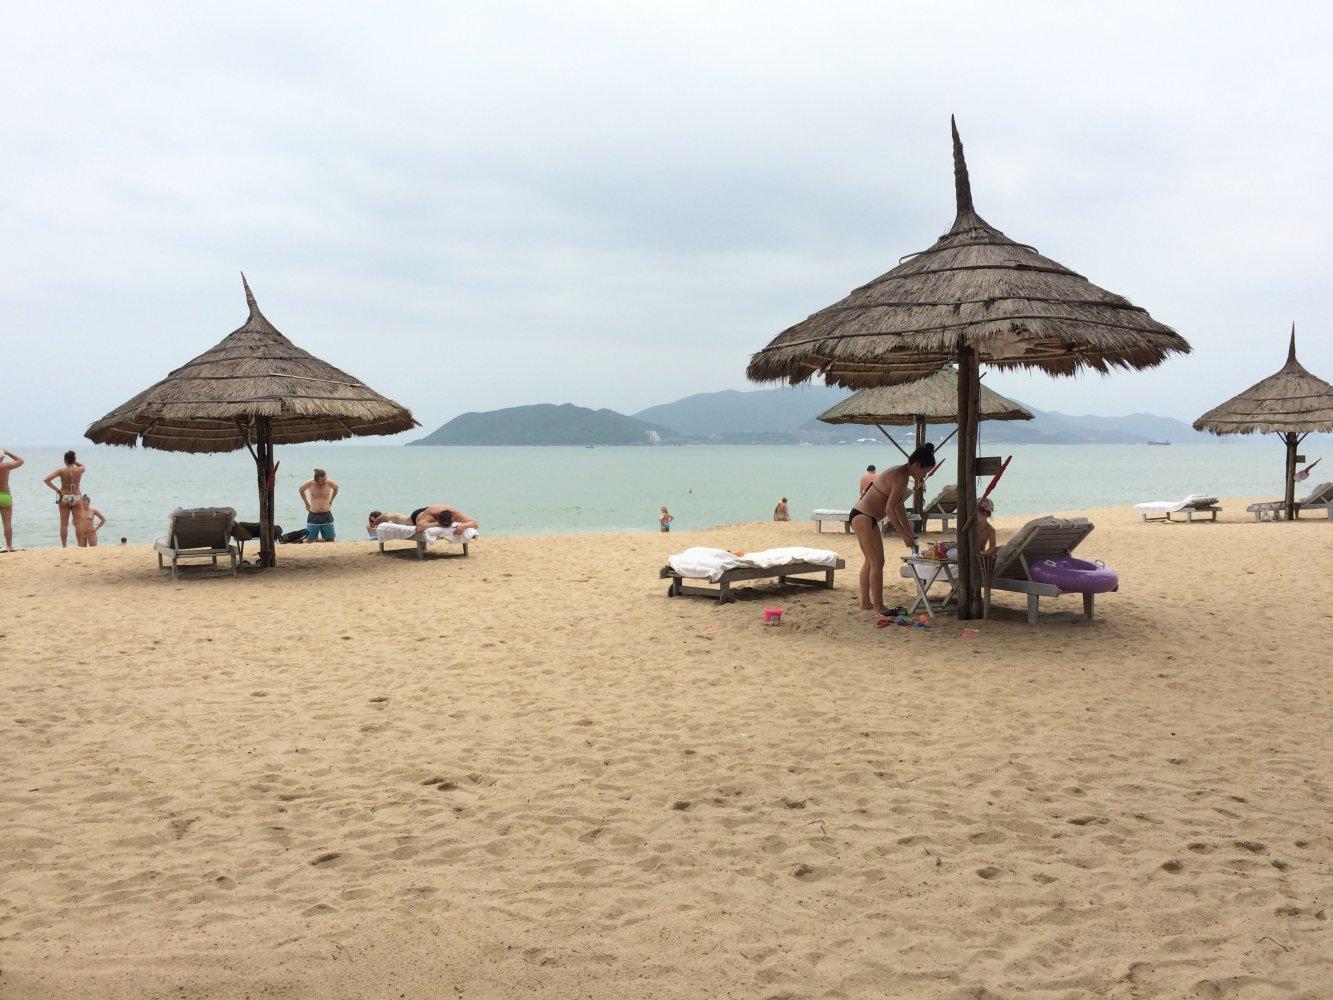 туры во вьетнам отзывы туристов фото них